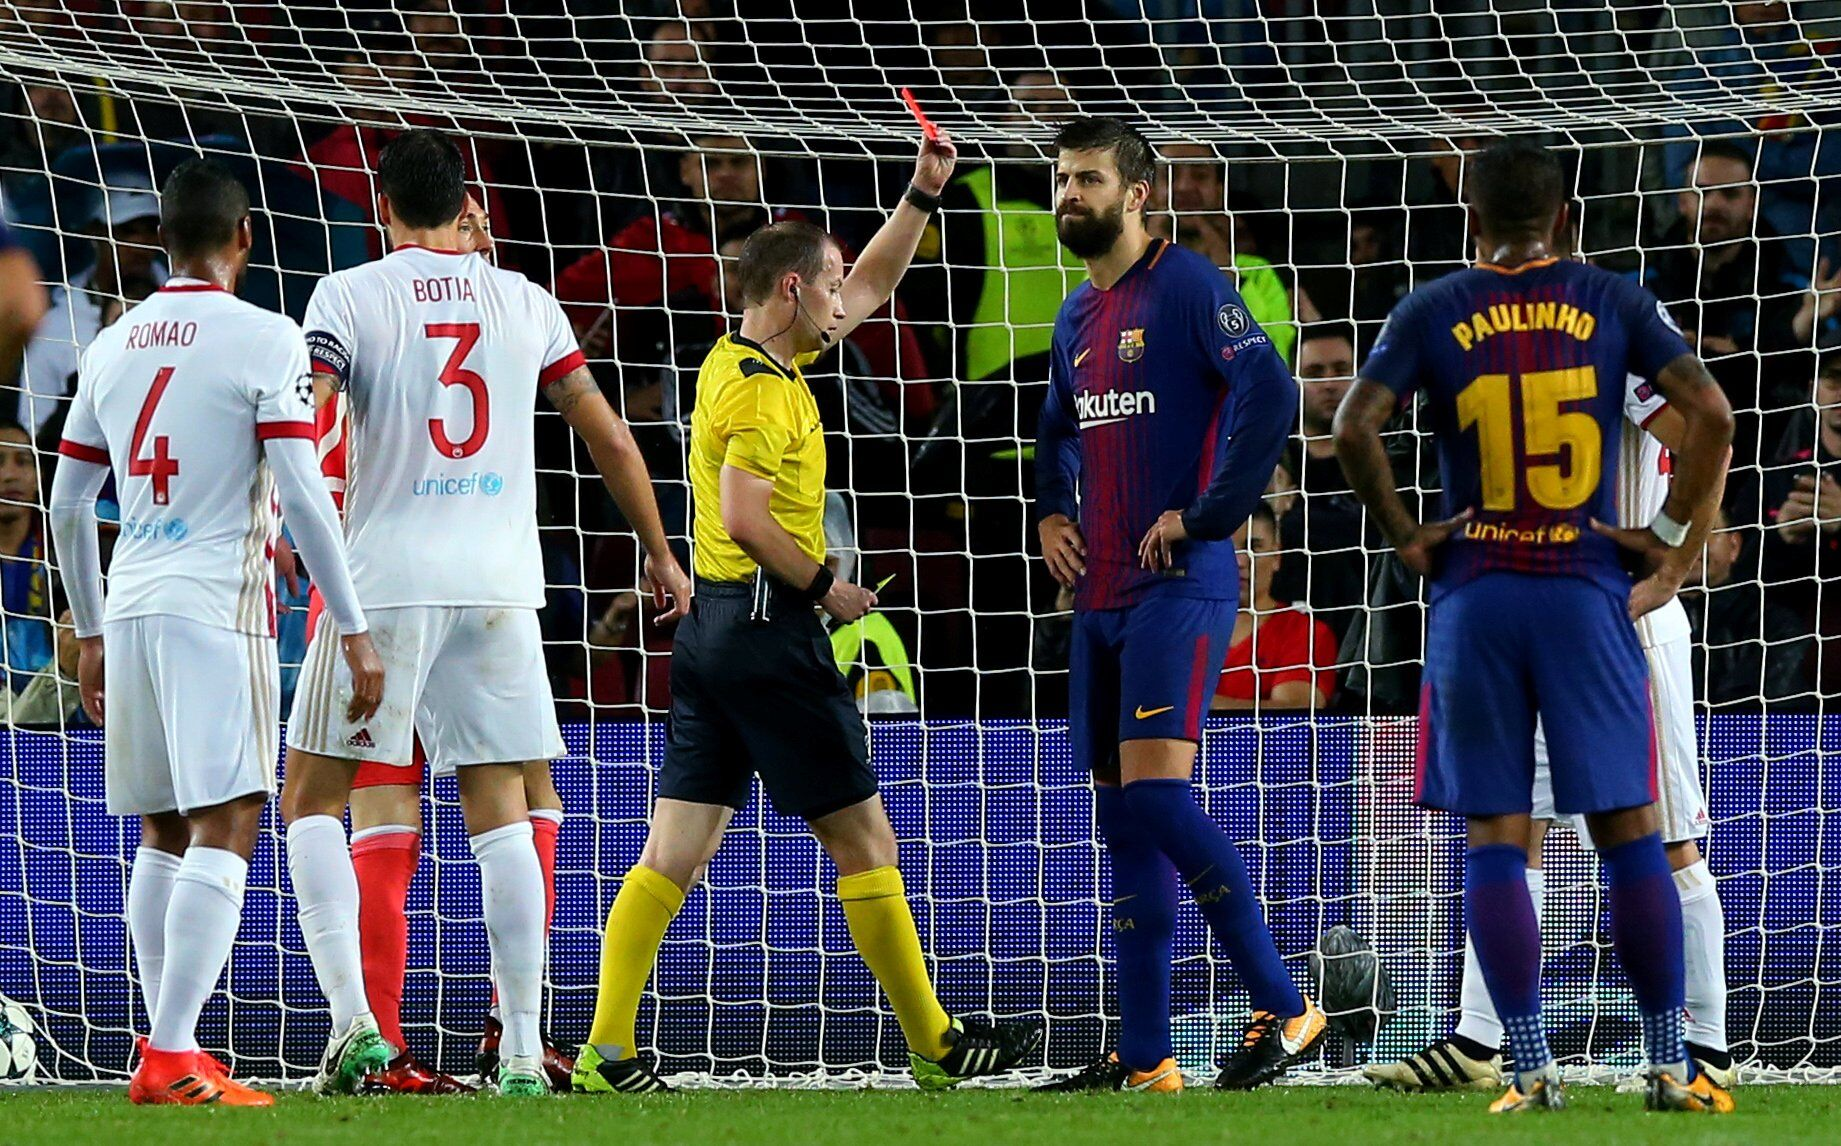 """Лидера """"Барселоны"""" удалили за наглую выходку в матче Лиги чемпионов"""